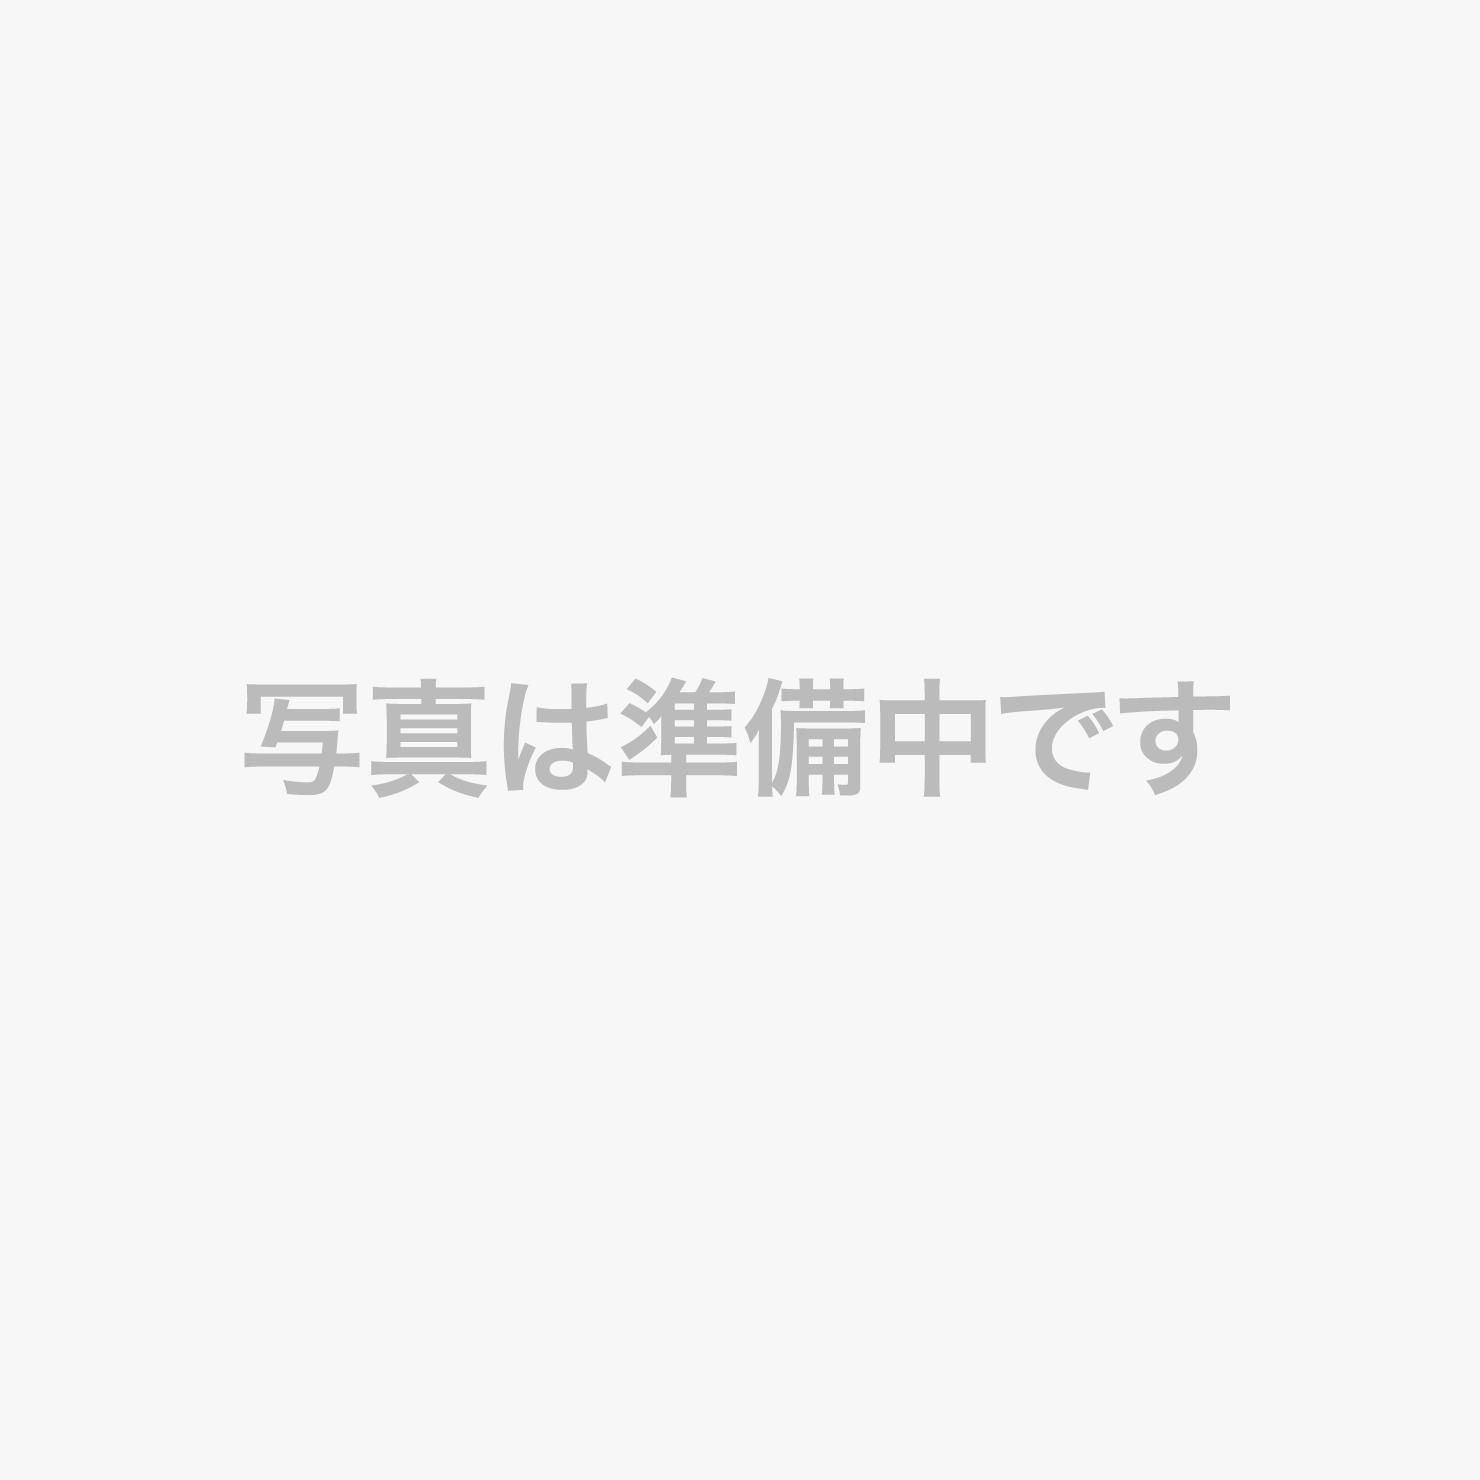 【ロイヤルグランシャリオ】安心安全の取り組み/トングは使い捨て